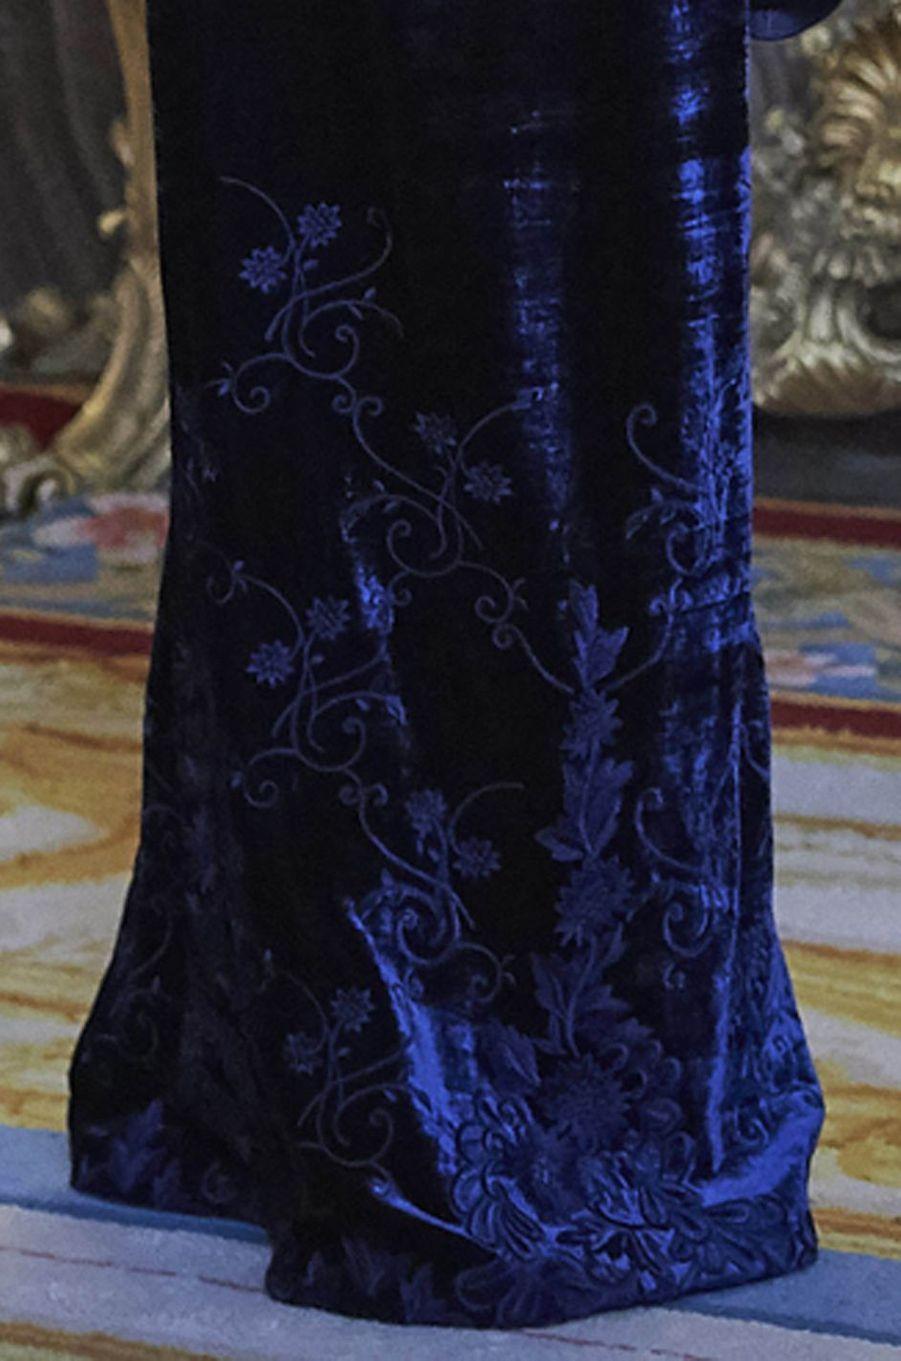 Le détail des broderies de la robe de la reine Letizia d'Espagne à la Pascua Militar à Madrid le 6 janvier 2018